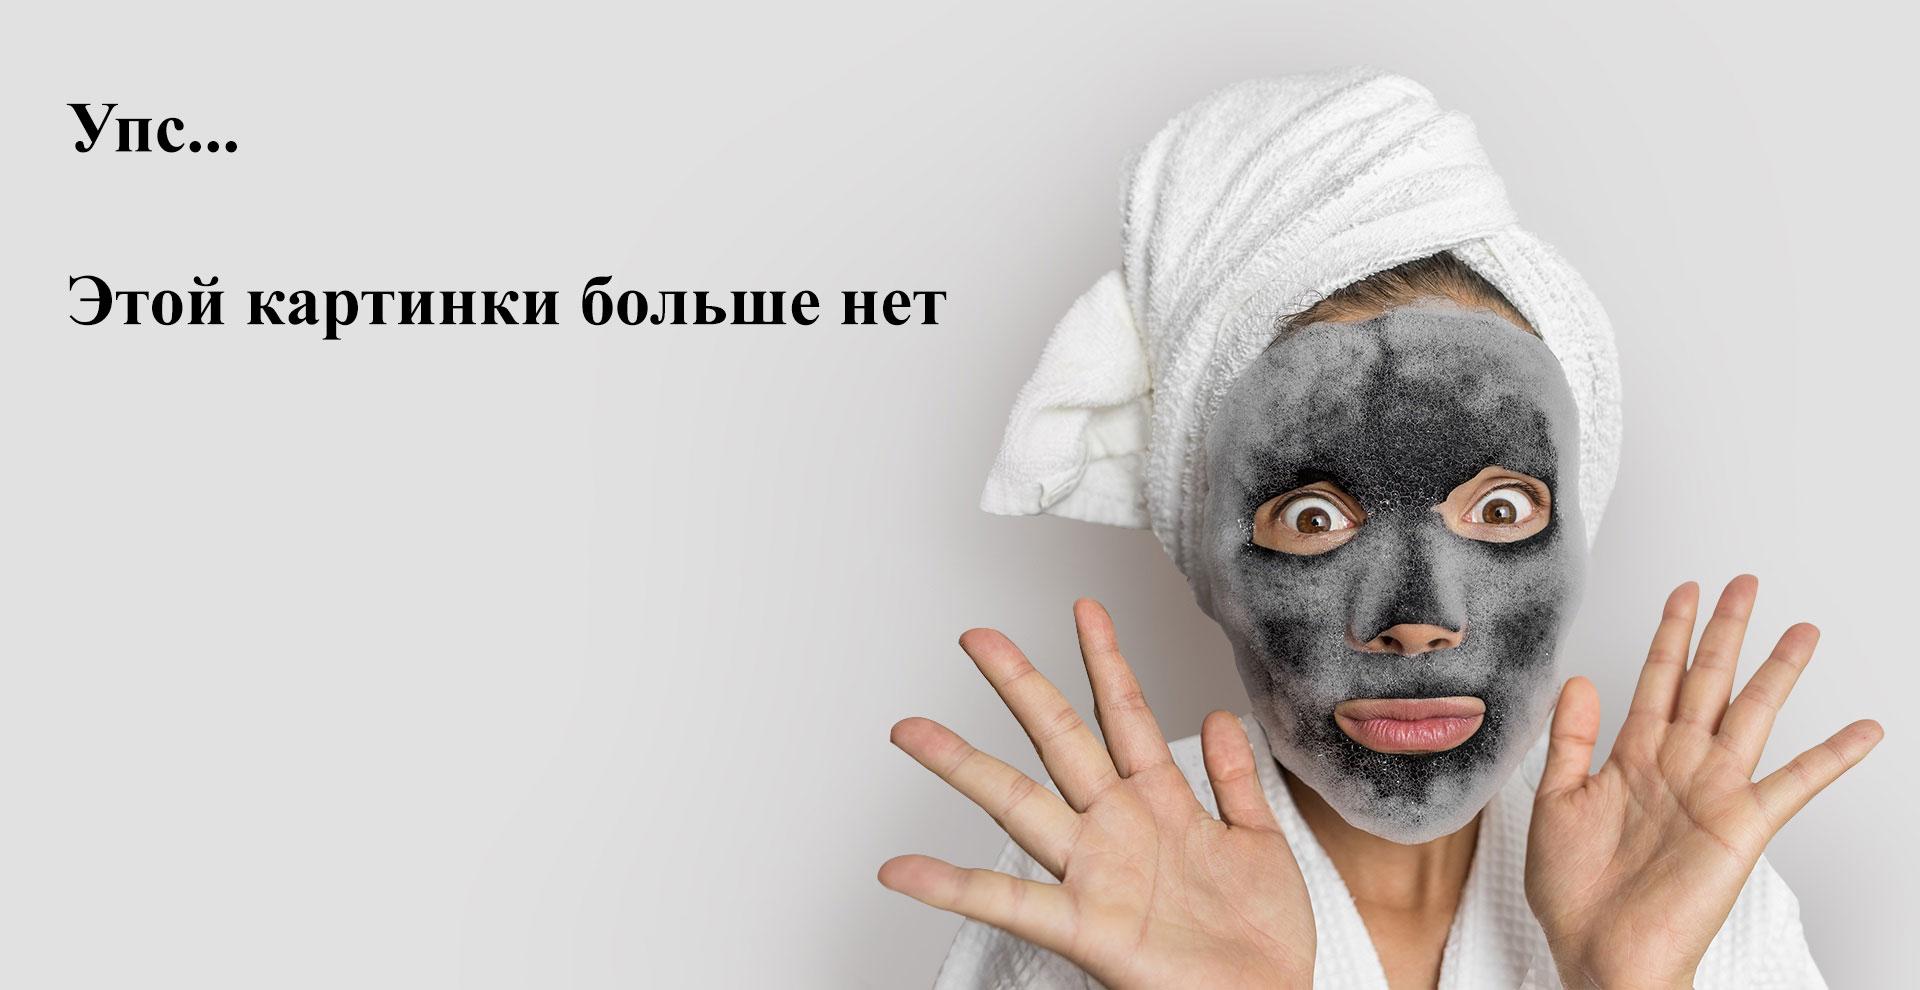 Lianail, Гель-лак Кошачий глаз, Джилл (УЦЕНКА)